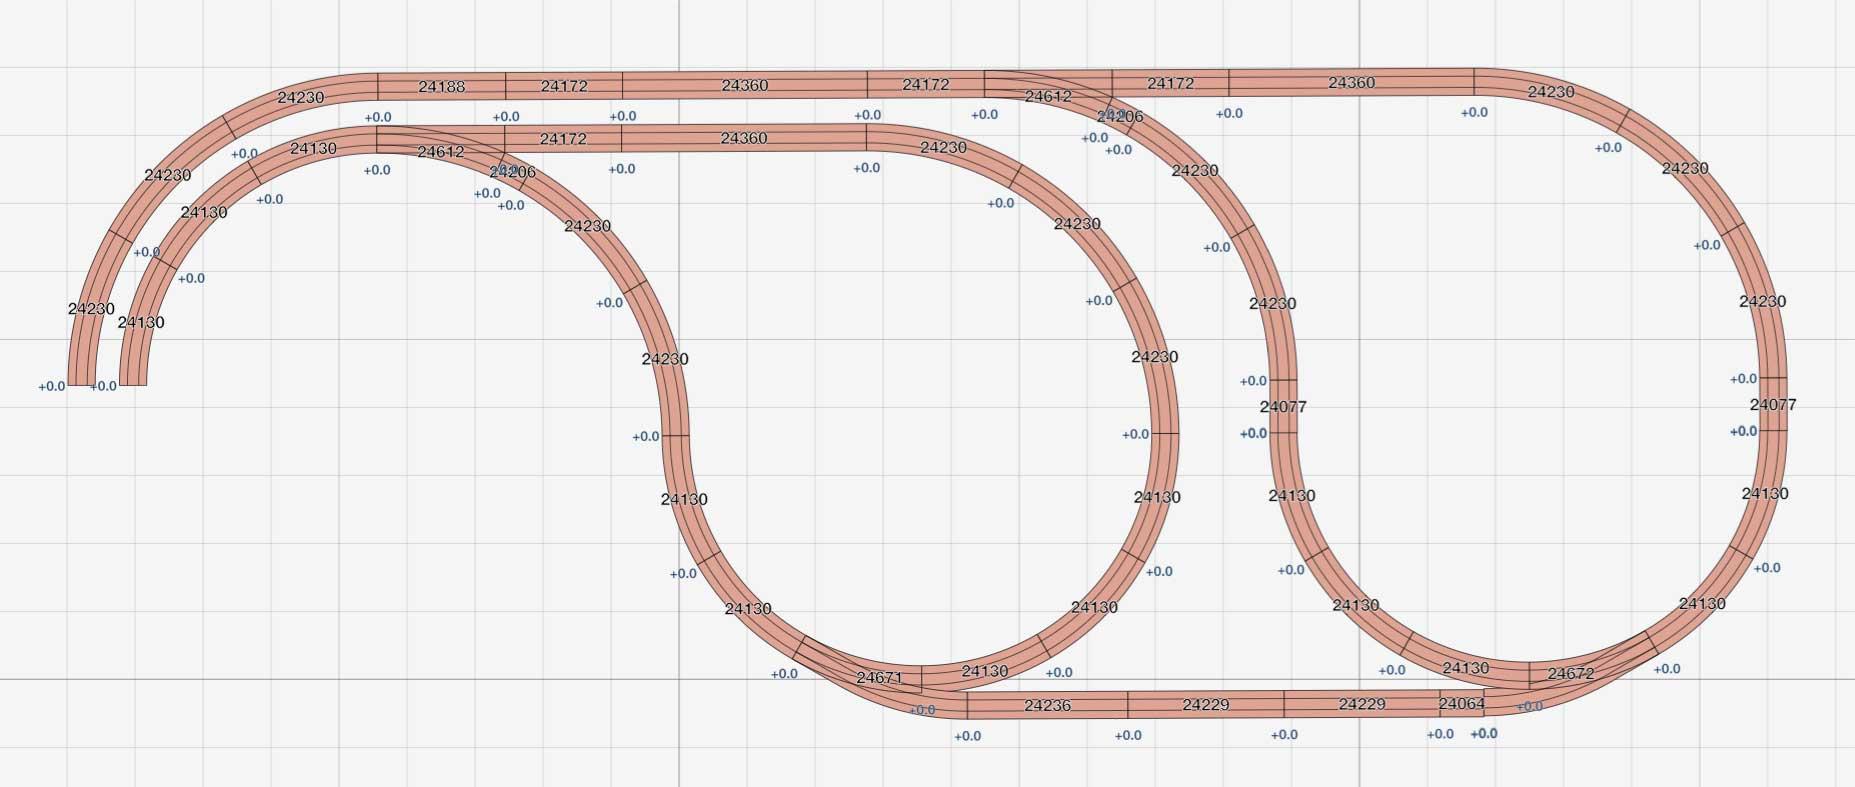 Gleisplan Märklin C Gleis Kehrschleife / Wendeschleife für beide Richtungen mit Verbindungsstrecke Kombination